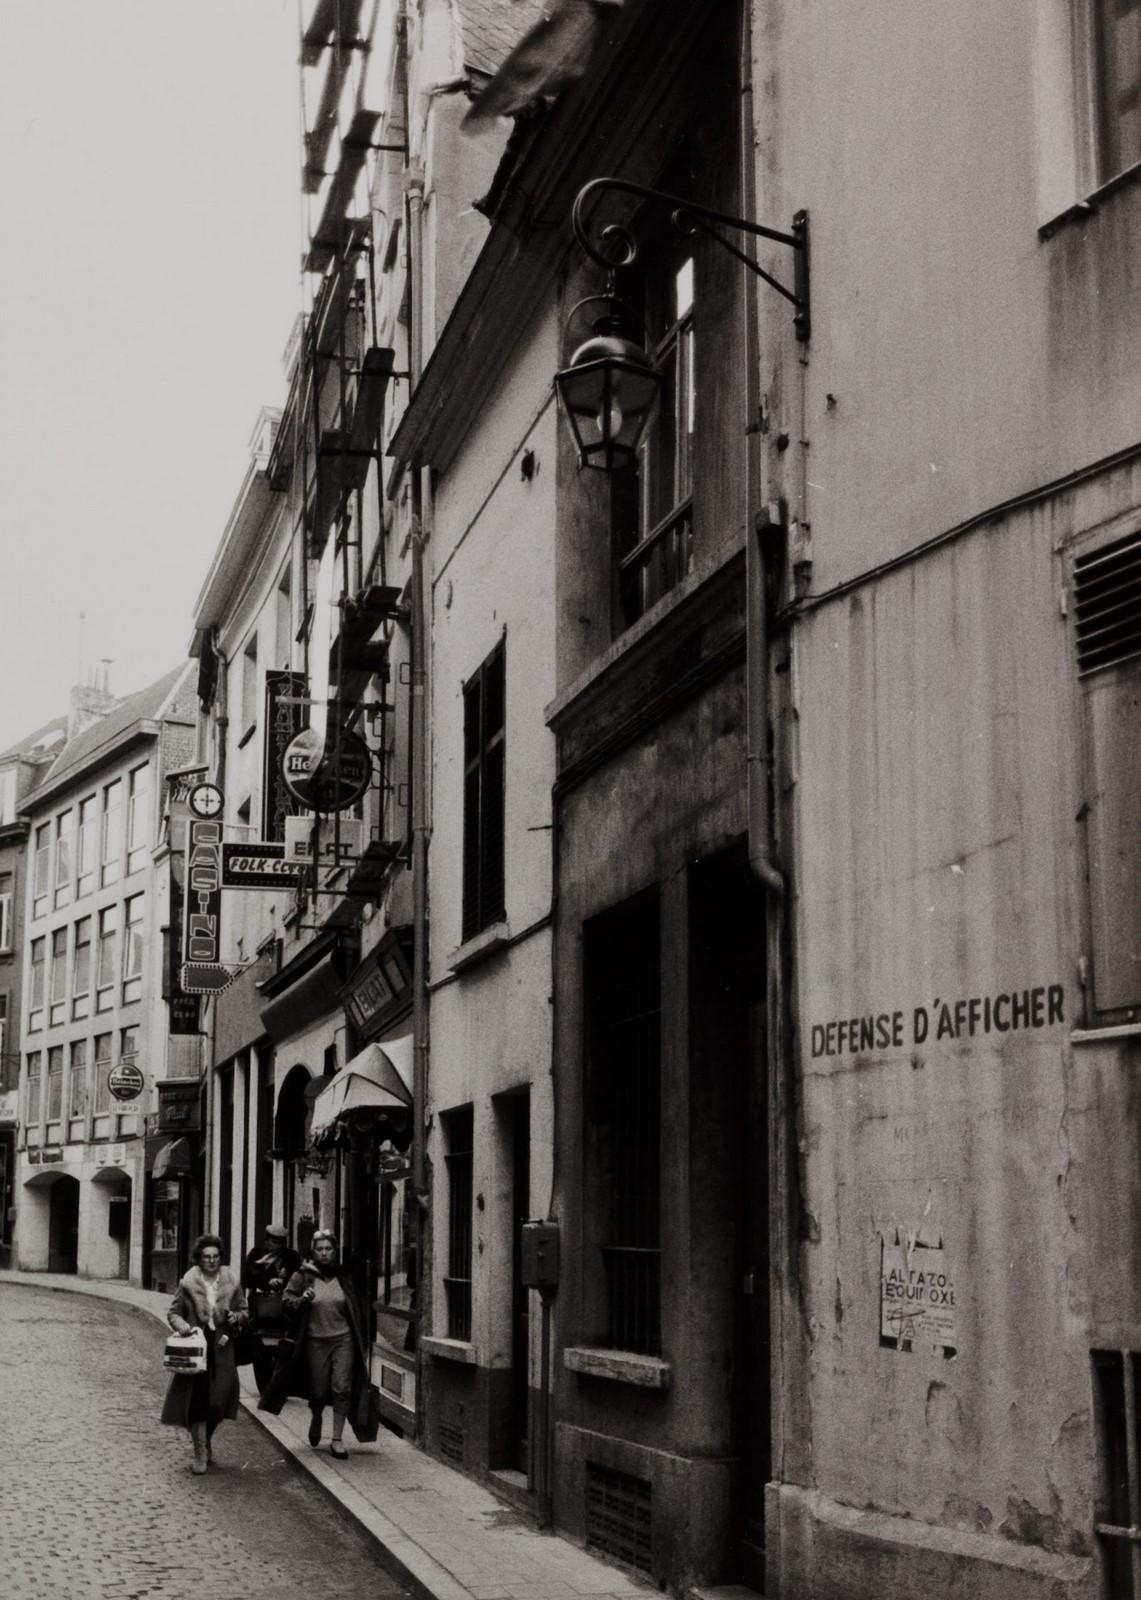 Greepstraat 1, 3, 5, 7 en Grasmarkt 22, 24. Geheel van traditionele huizen.